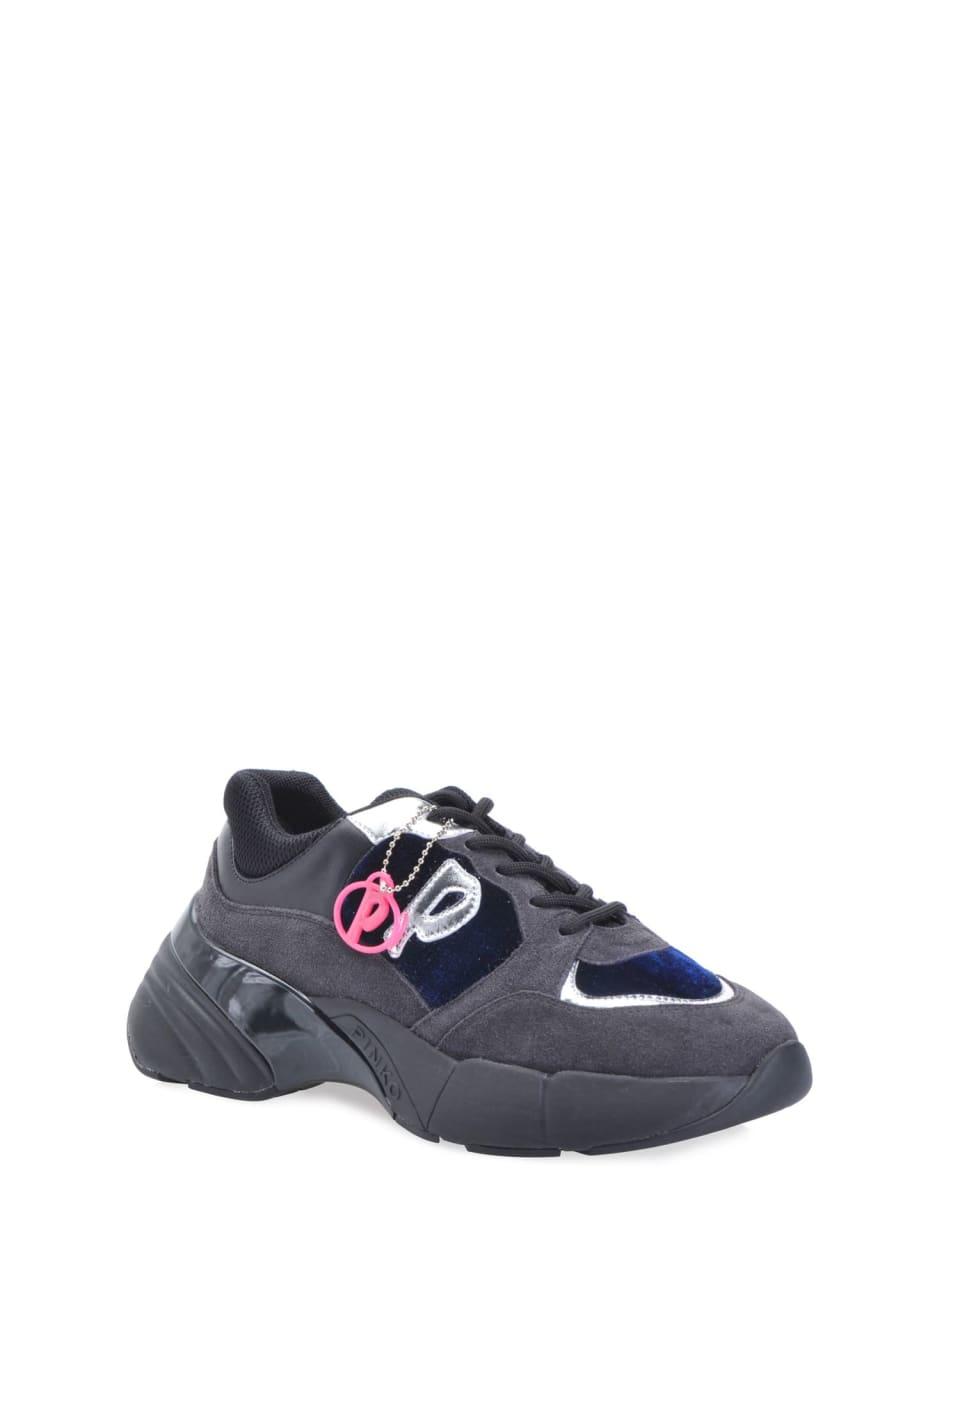 レザーとベルベットによるShoes To Rockスニーカー